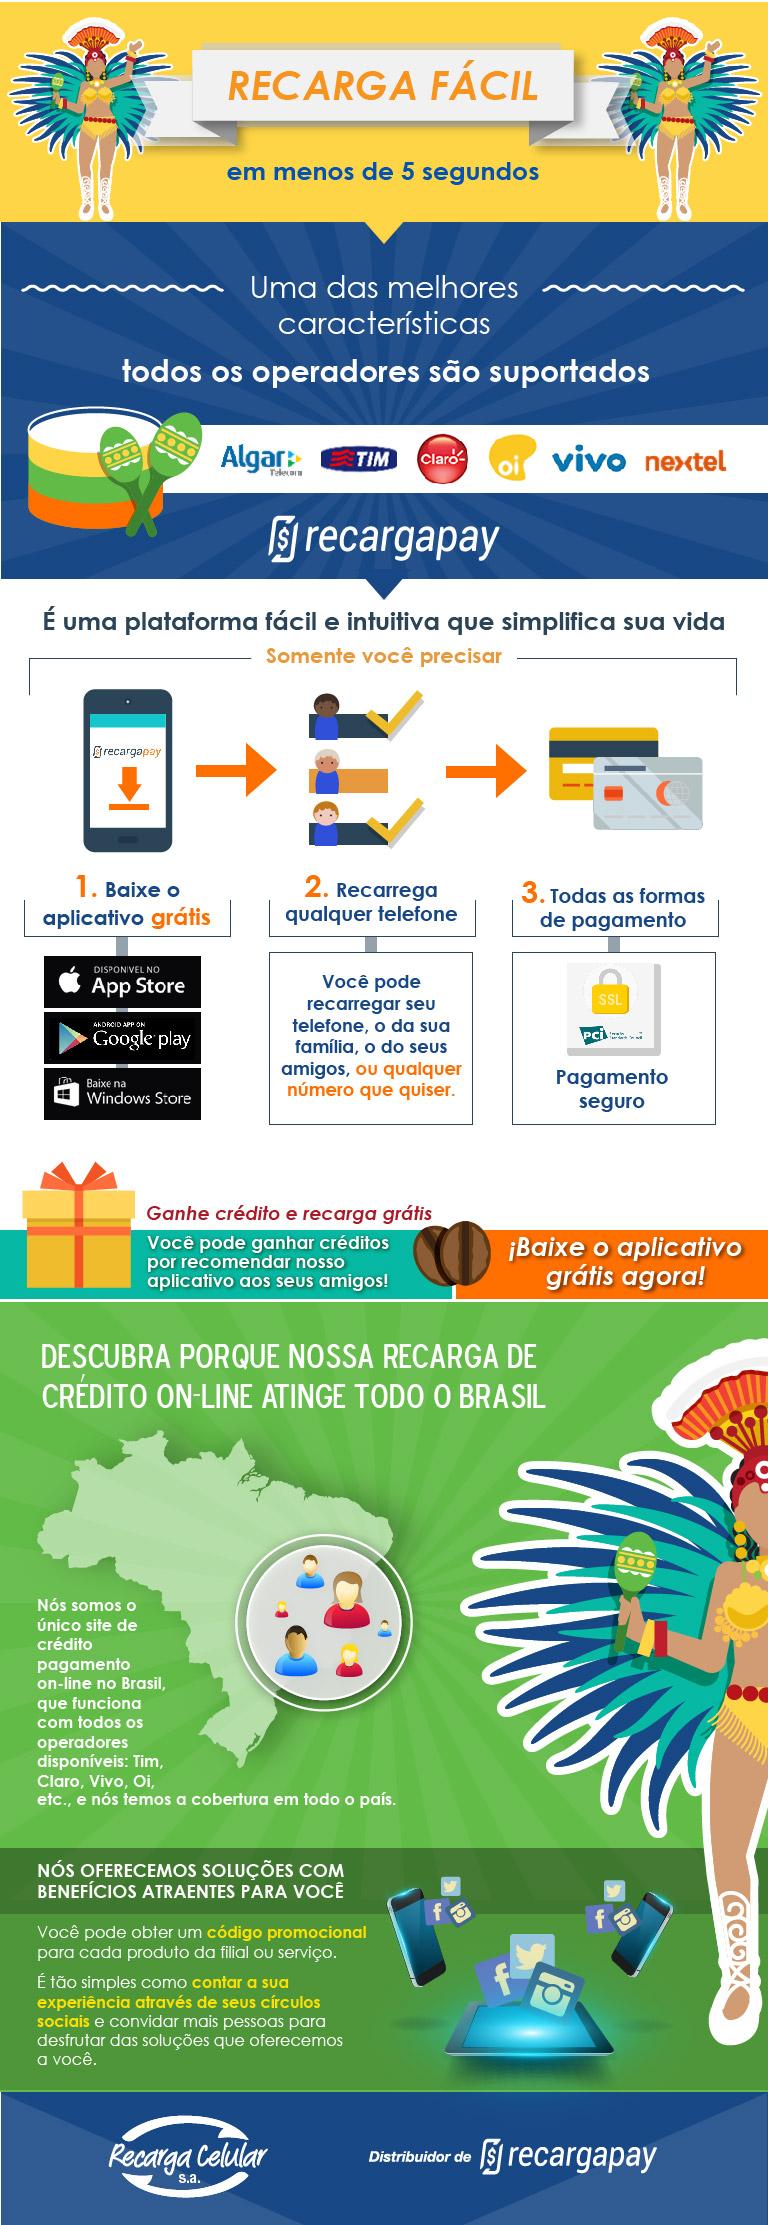 Todo o sucesso alcançado até agora é que nós somos o único site de crédito pagamento on-line no Brasil, que funciona com todos os operadores disponíveis: Tim, Claro, Vivo, Oi, etc., e nós temos a cobertura em todo o país.